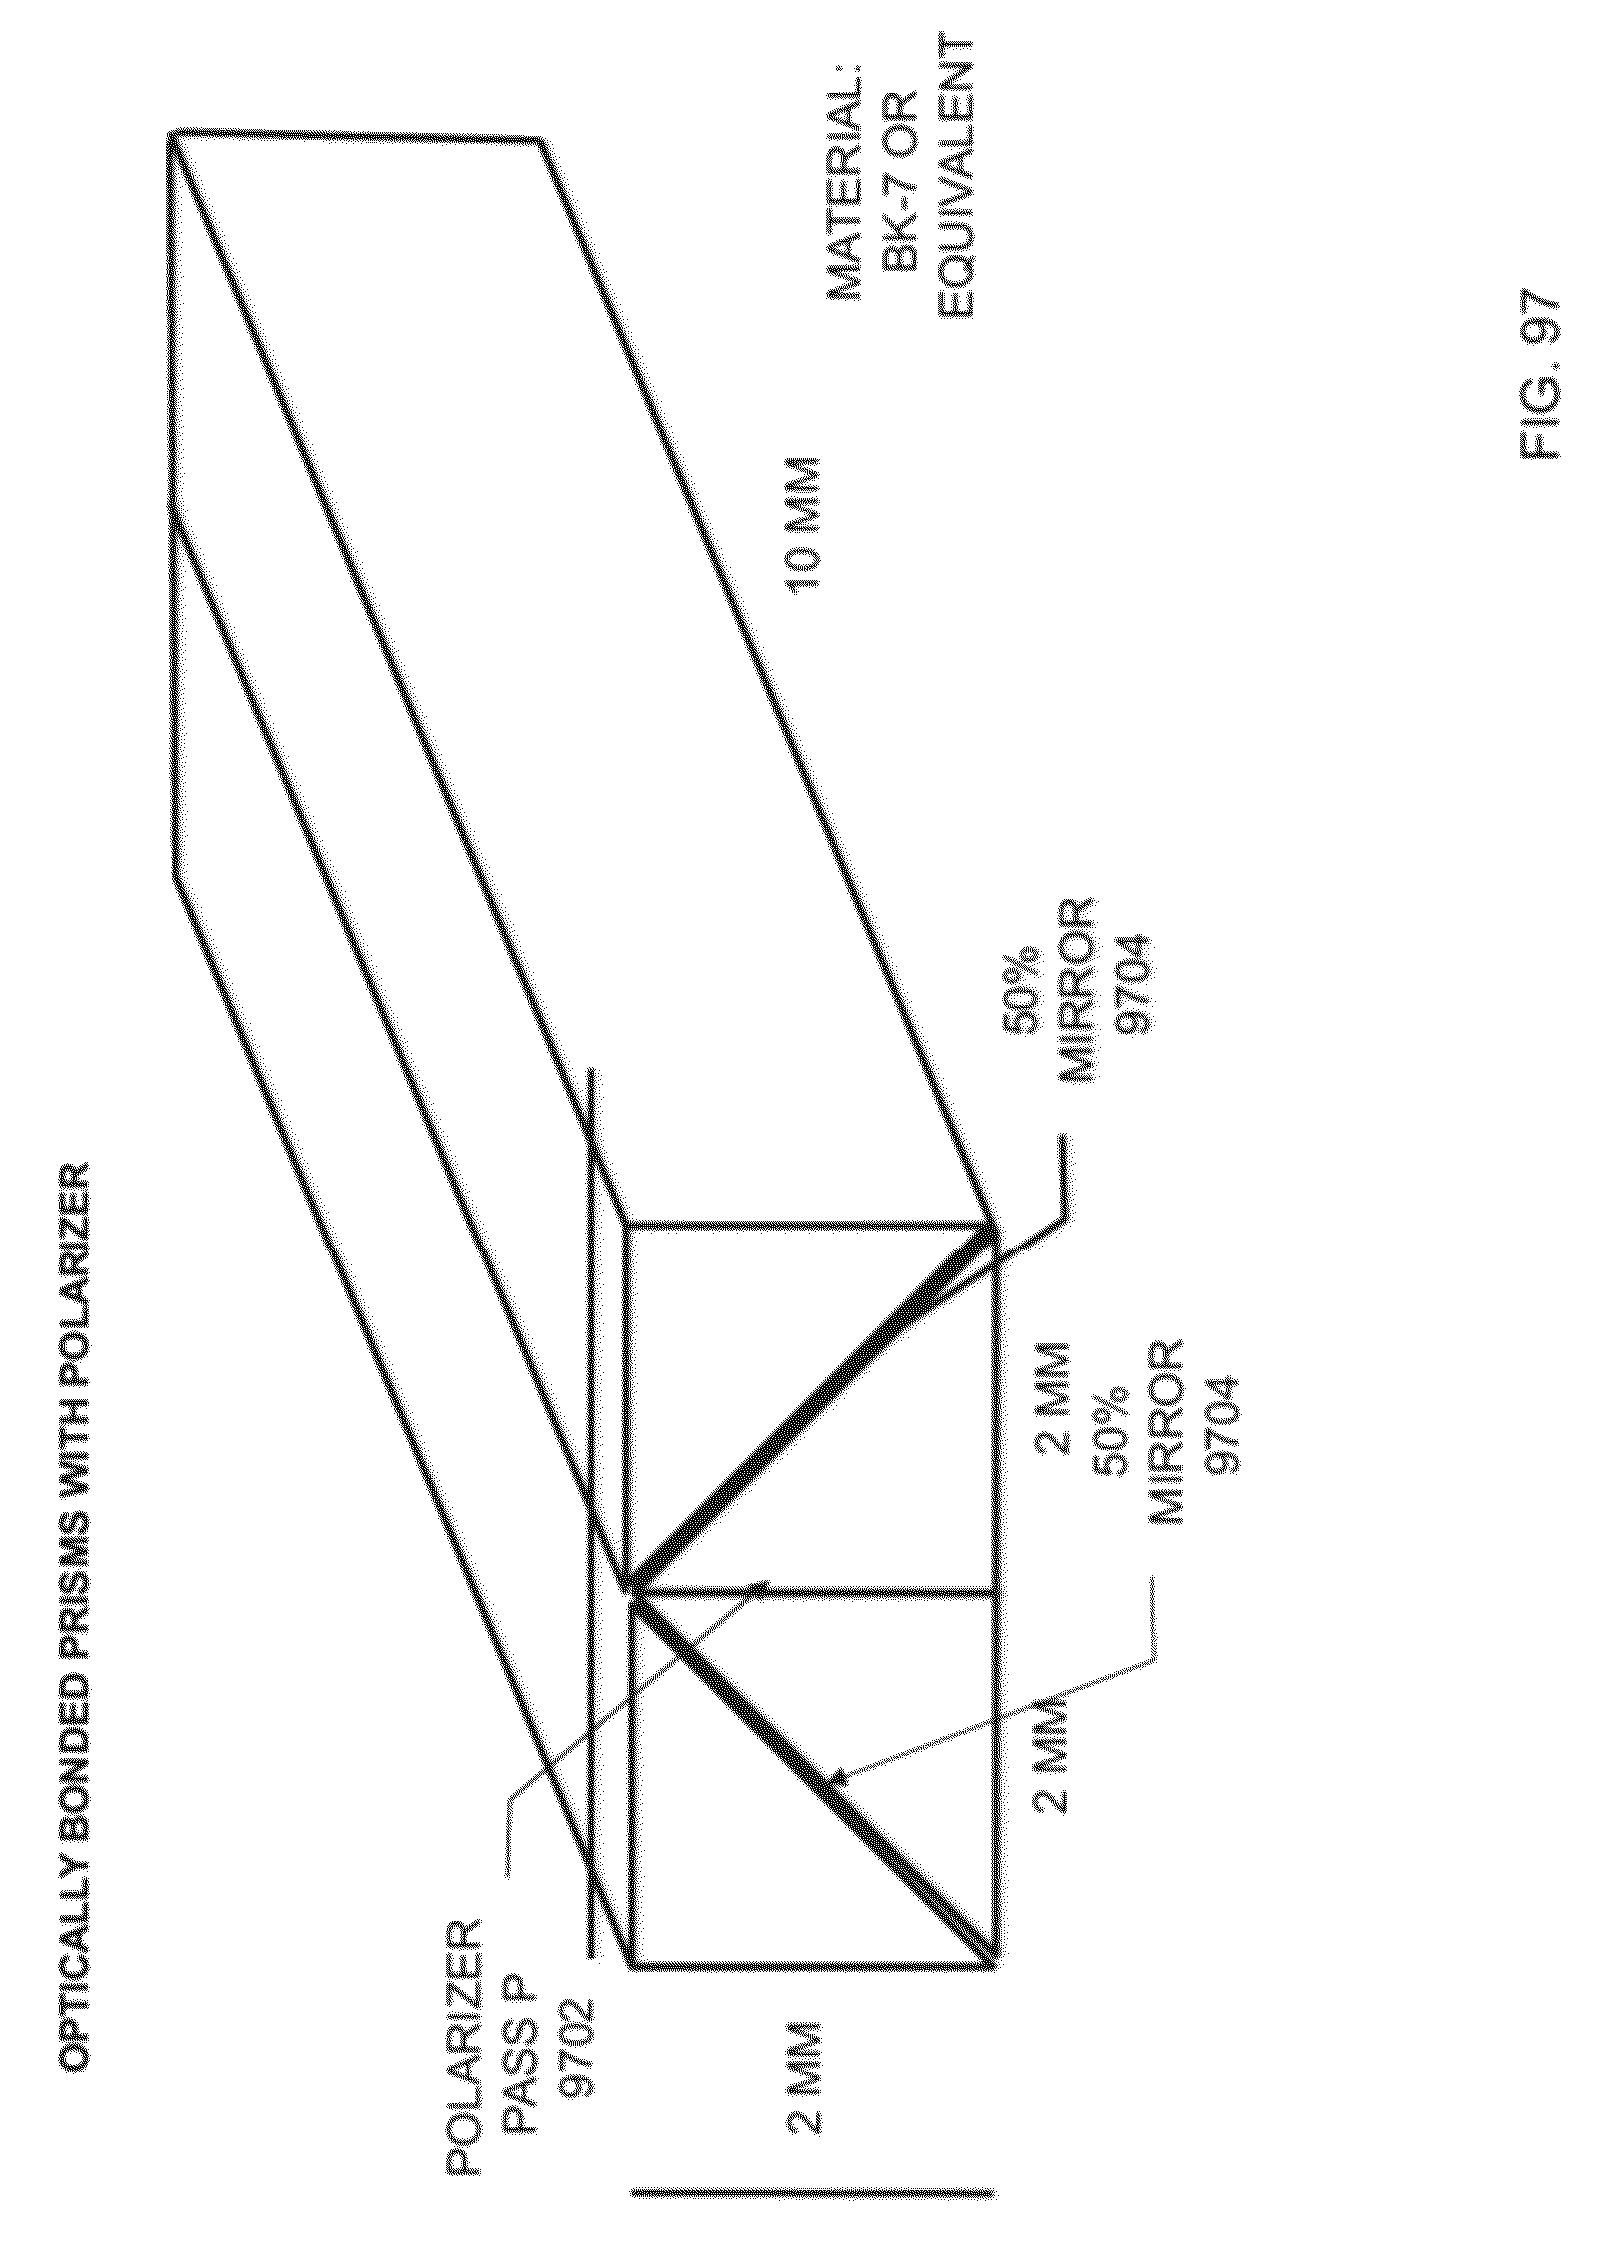 349d9a7863f ... Patent images ...